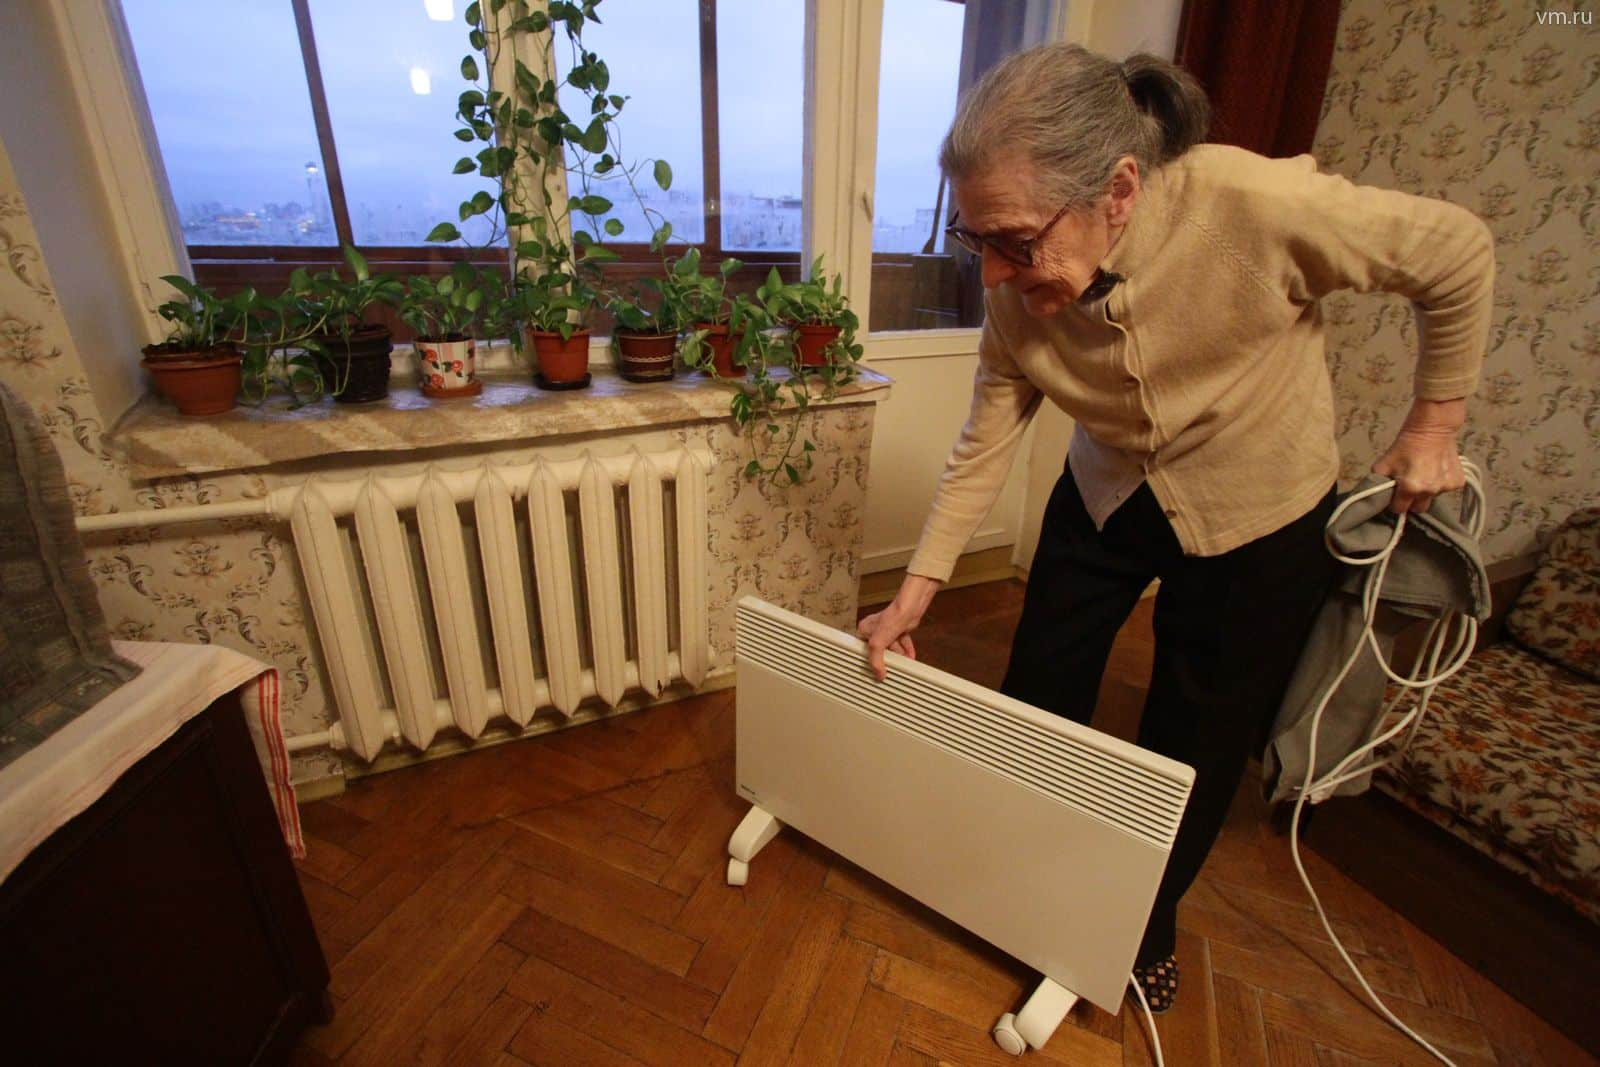 Когда включат отопление в Москве: точная дата подачи тепла в 2019 году